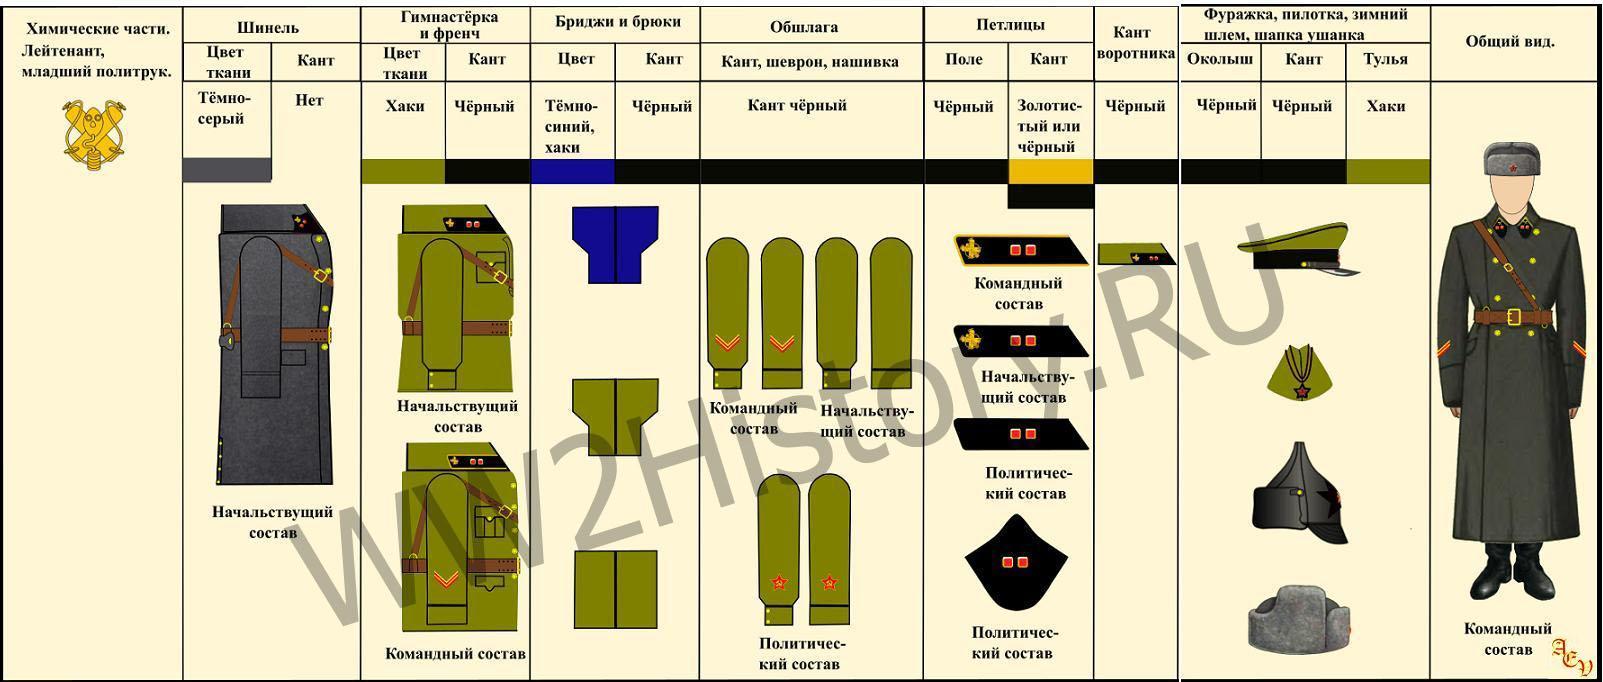 Таблица формы одежды командного, начальствующего и политического состава РККА на 22.6.1941 года 7ffd2395